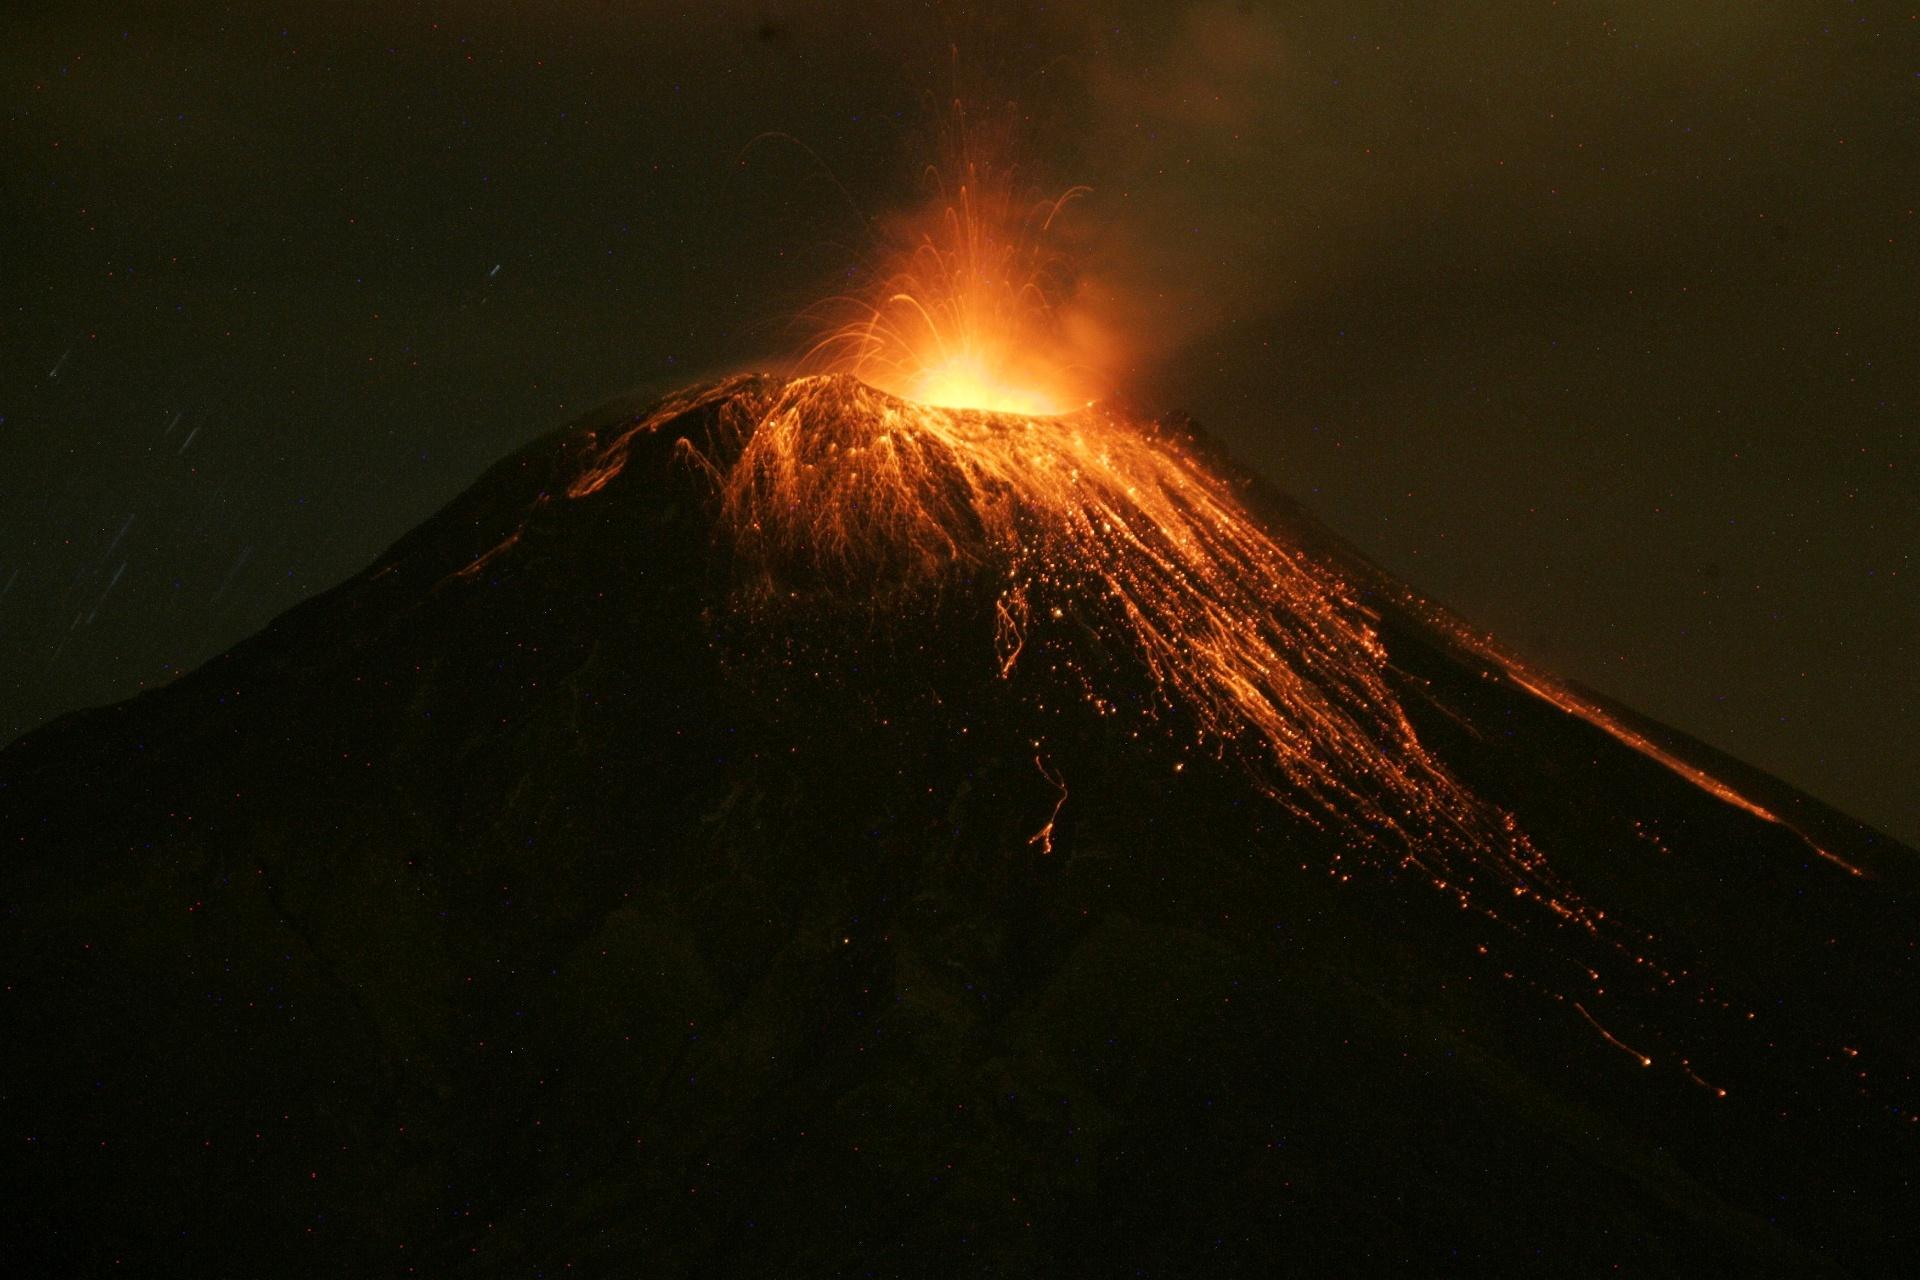 6.mar.2016 - O vulcão Tungurahua lança fumaça, cinzas e magma próximo à cidade equatoriana de Banos